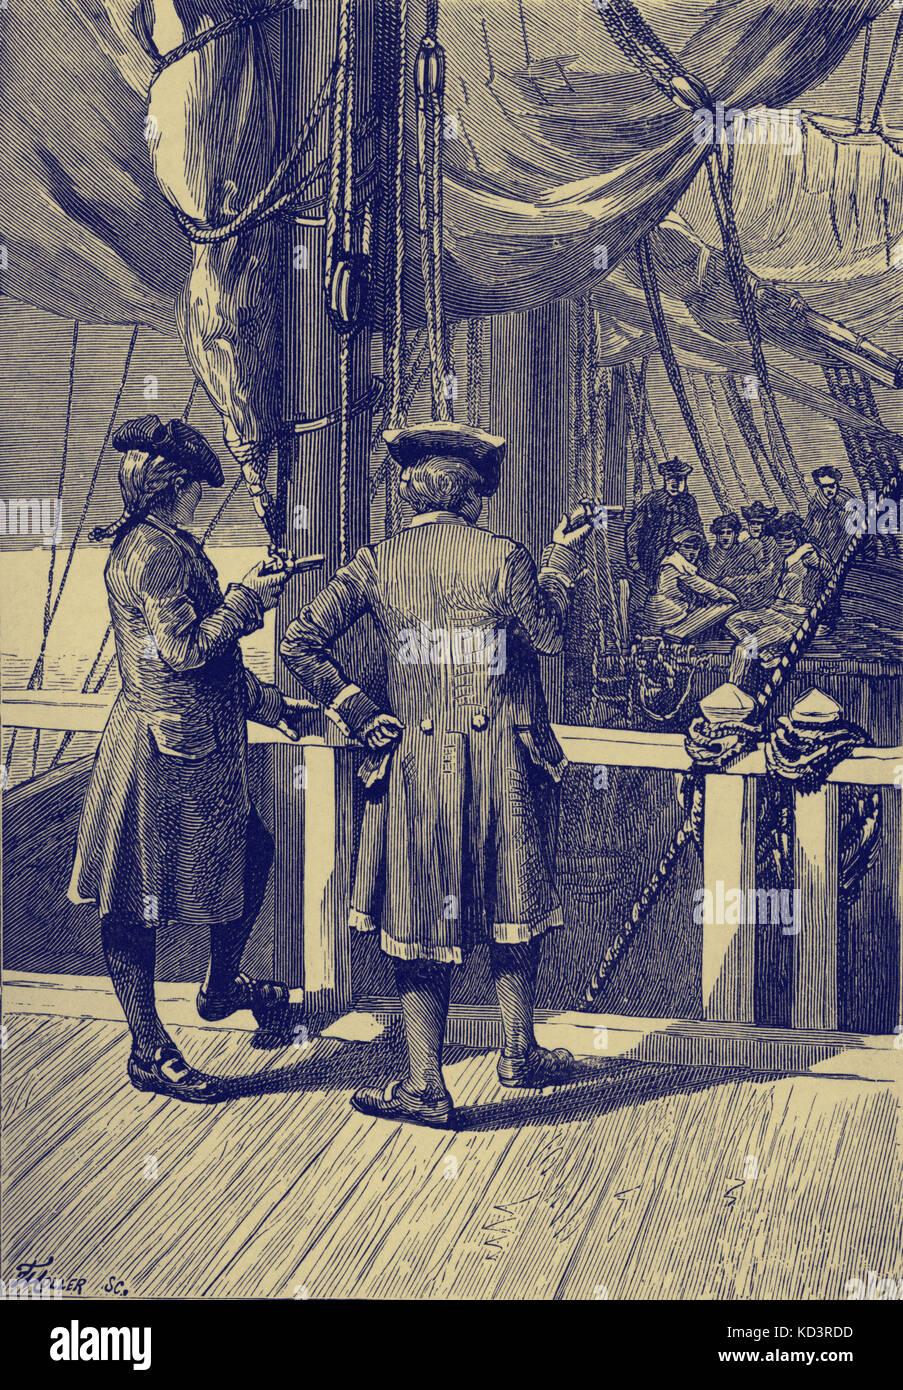 Treasure Island por Robert Louis Stevenson. La leyenda dice: 'Si alguno de ustedes seis hace un signo de cualquier descripción, ese hombre está muerto.' (Squire y el capitán en la terraza.) CH XVI Cómo se abandonó el buque. Publicado por primera vez como serie 1881-82. RLS: Novelista escocés, poeta y escritor de viajes, 13 de noviembre de 1850 – 3 de diciembre de 1894. Foto de stock